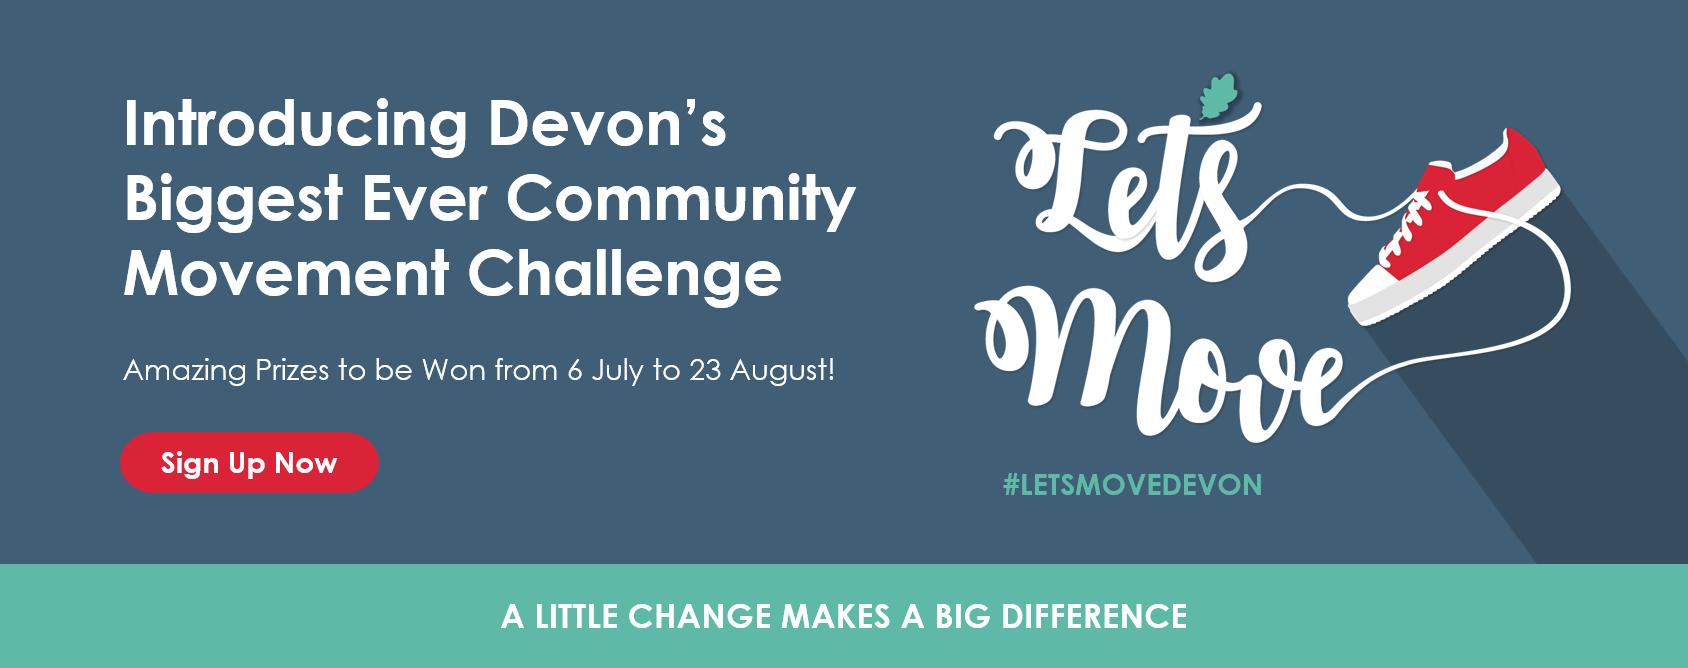 let's-move-devon's-community-movement-challenge